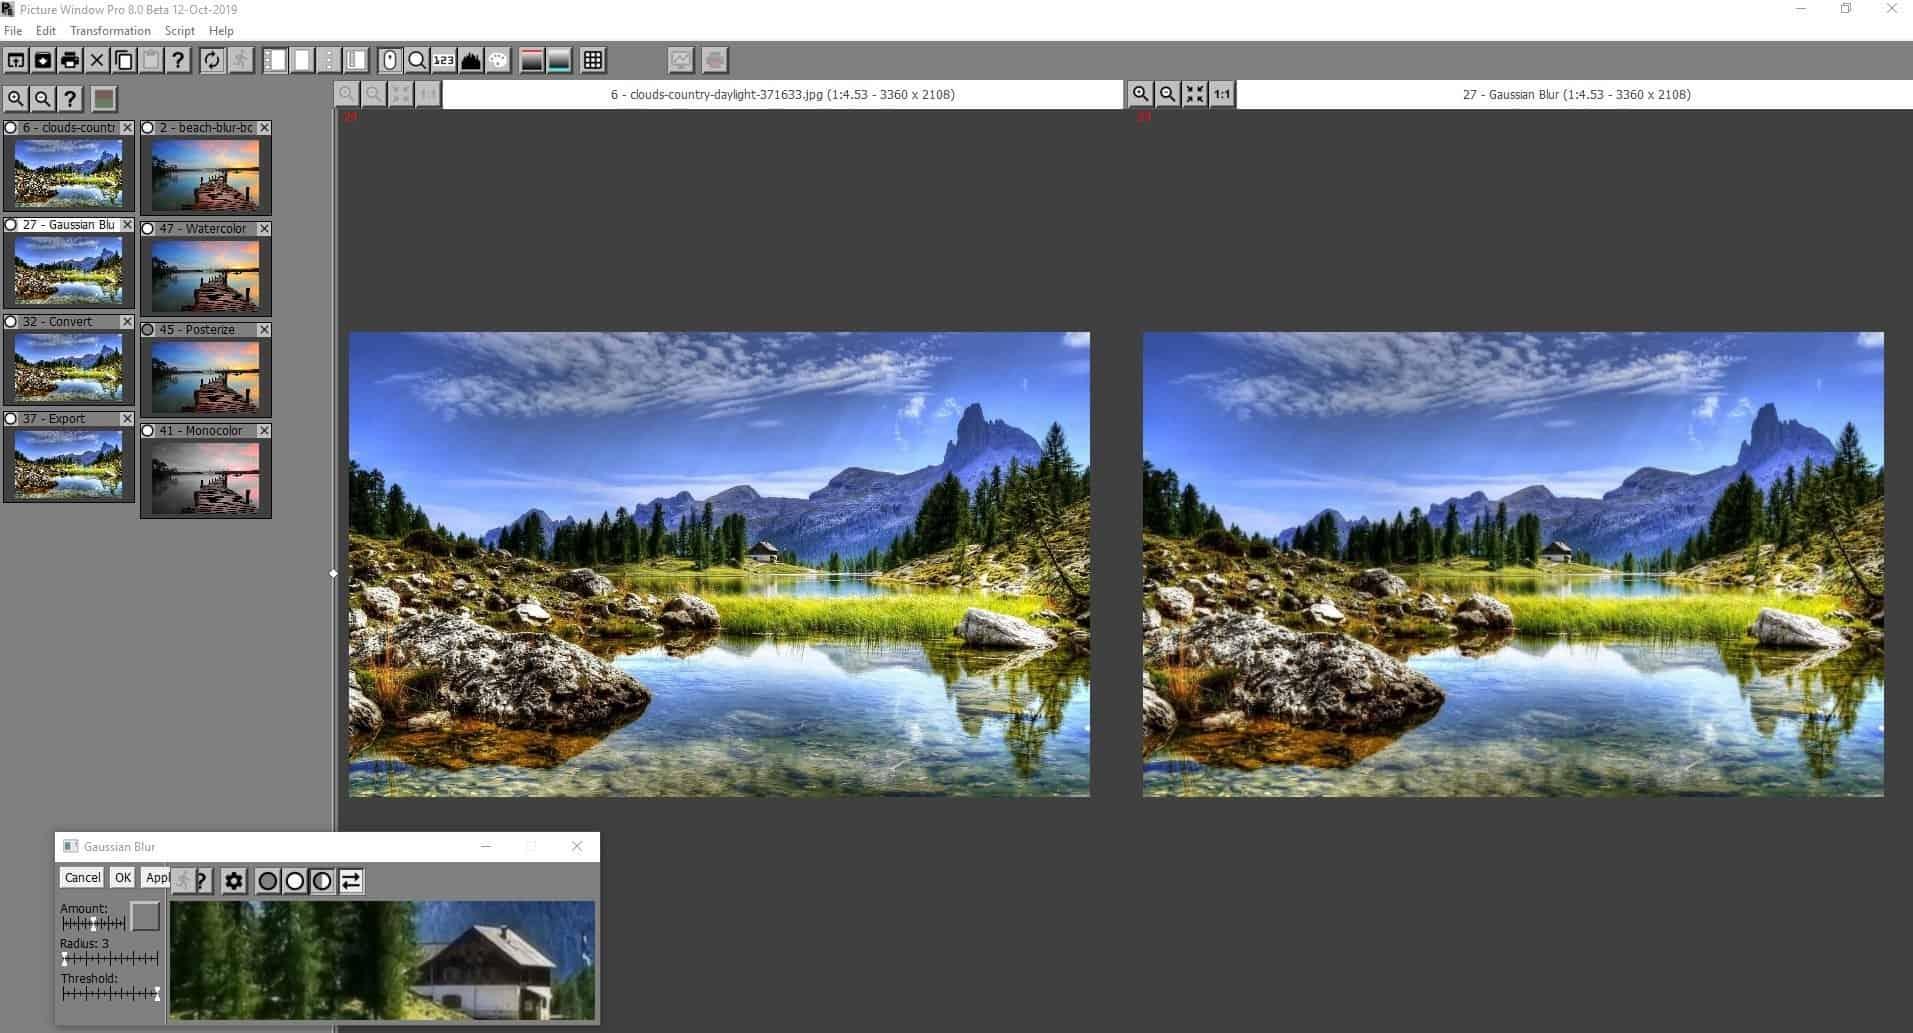 Picture Window Pro comparison